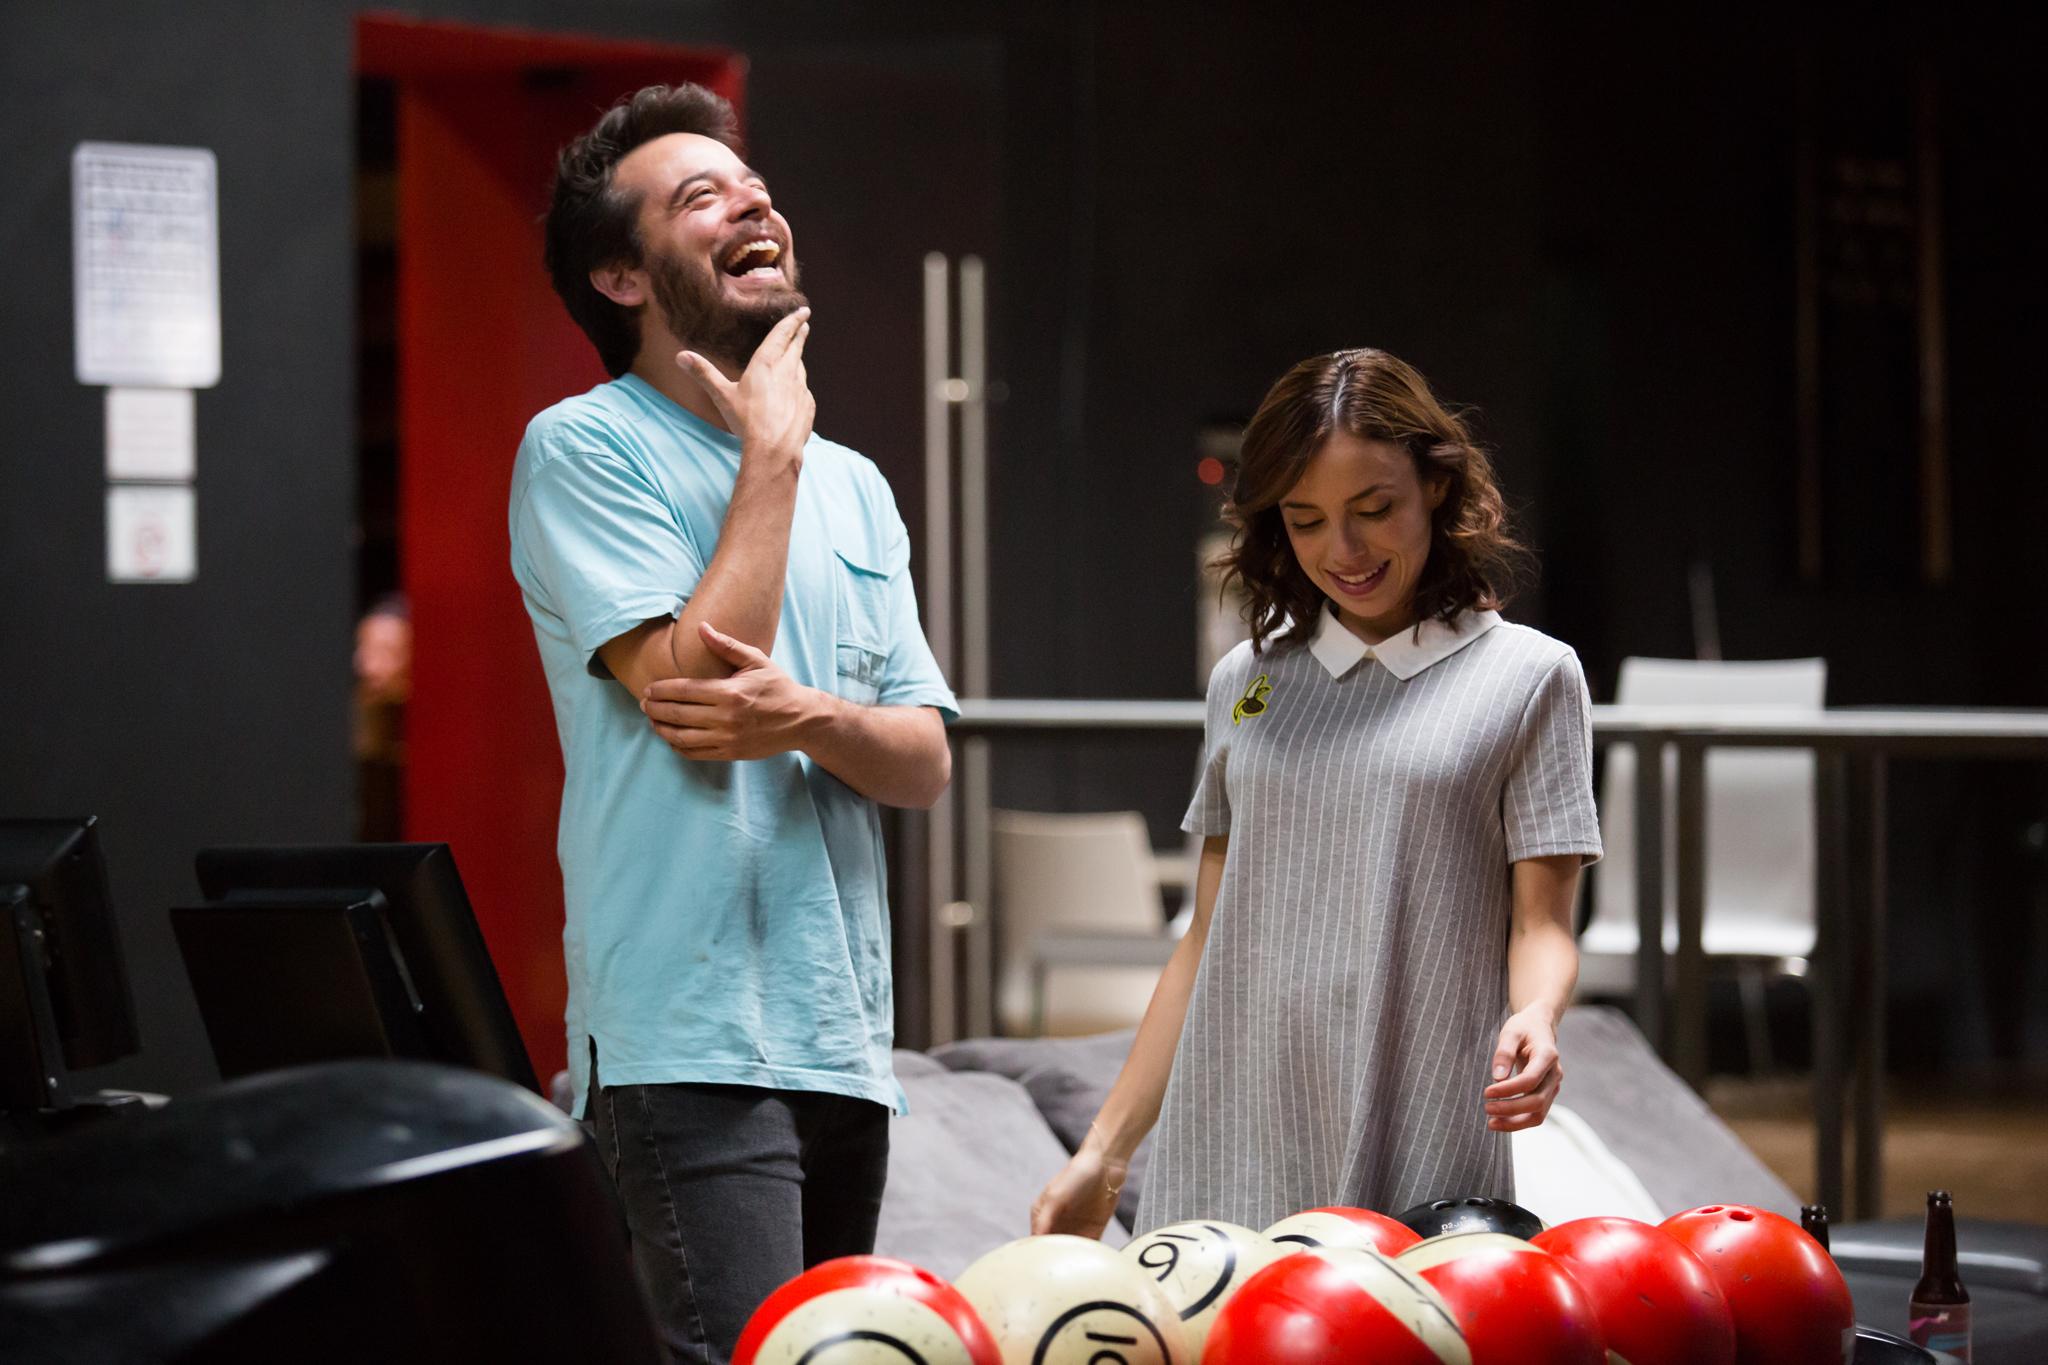 Marcela Guirado and Leonardo Ortizgris in ¿Conoces a Tomás? (2019)